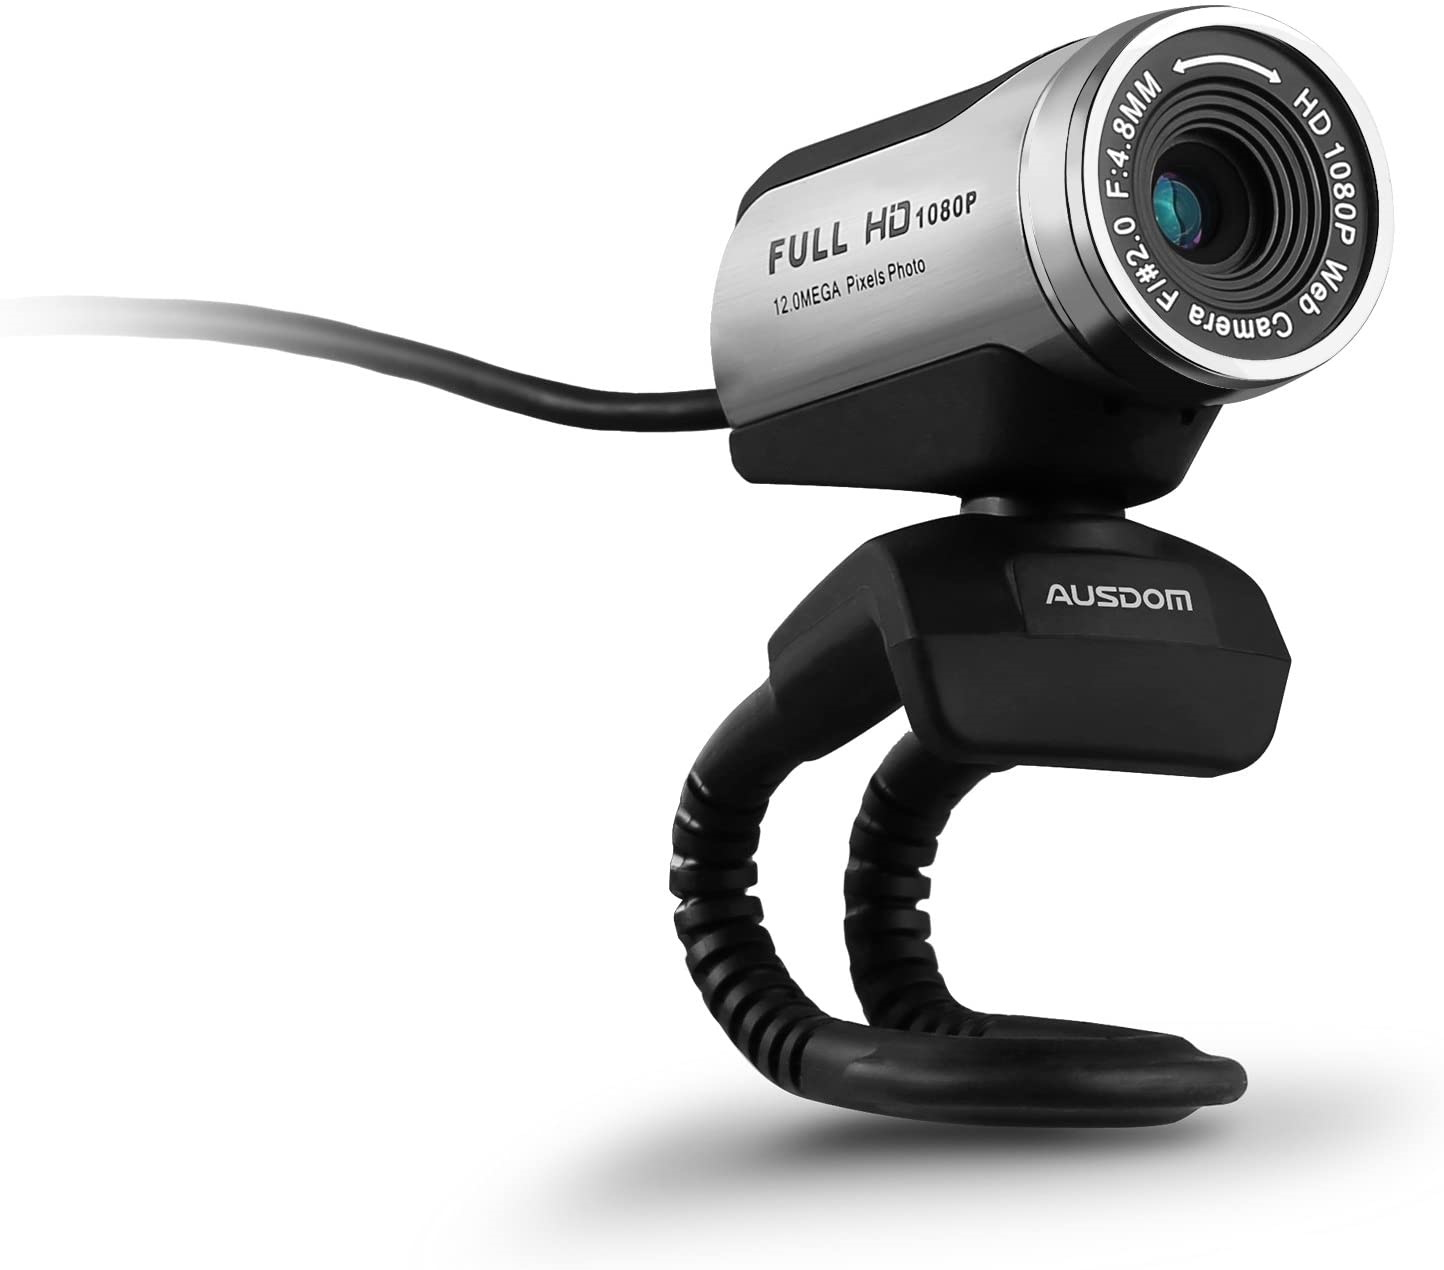 Cámara web 1080p USB